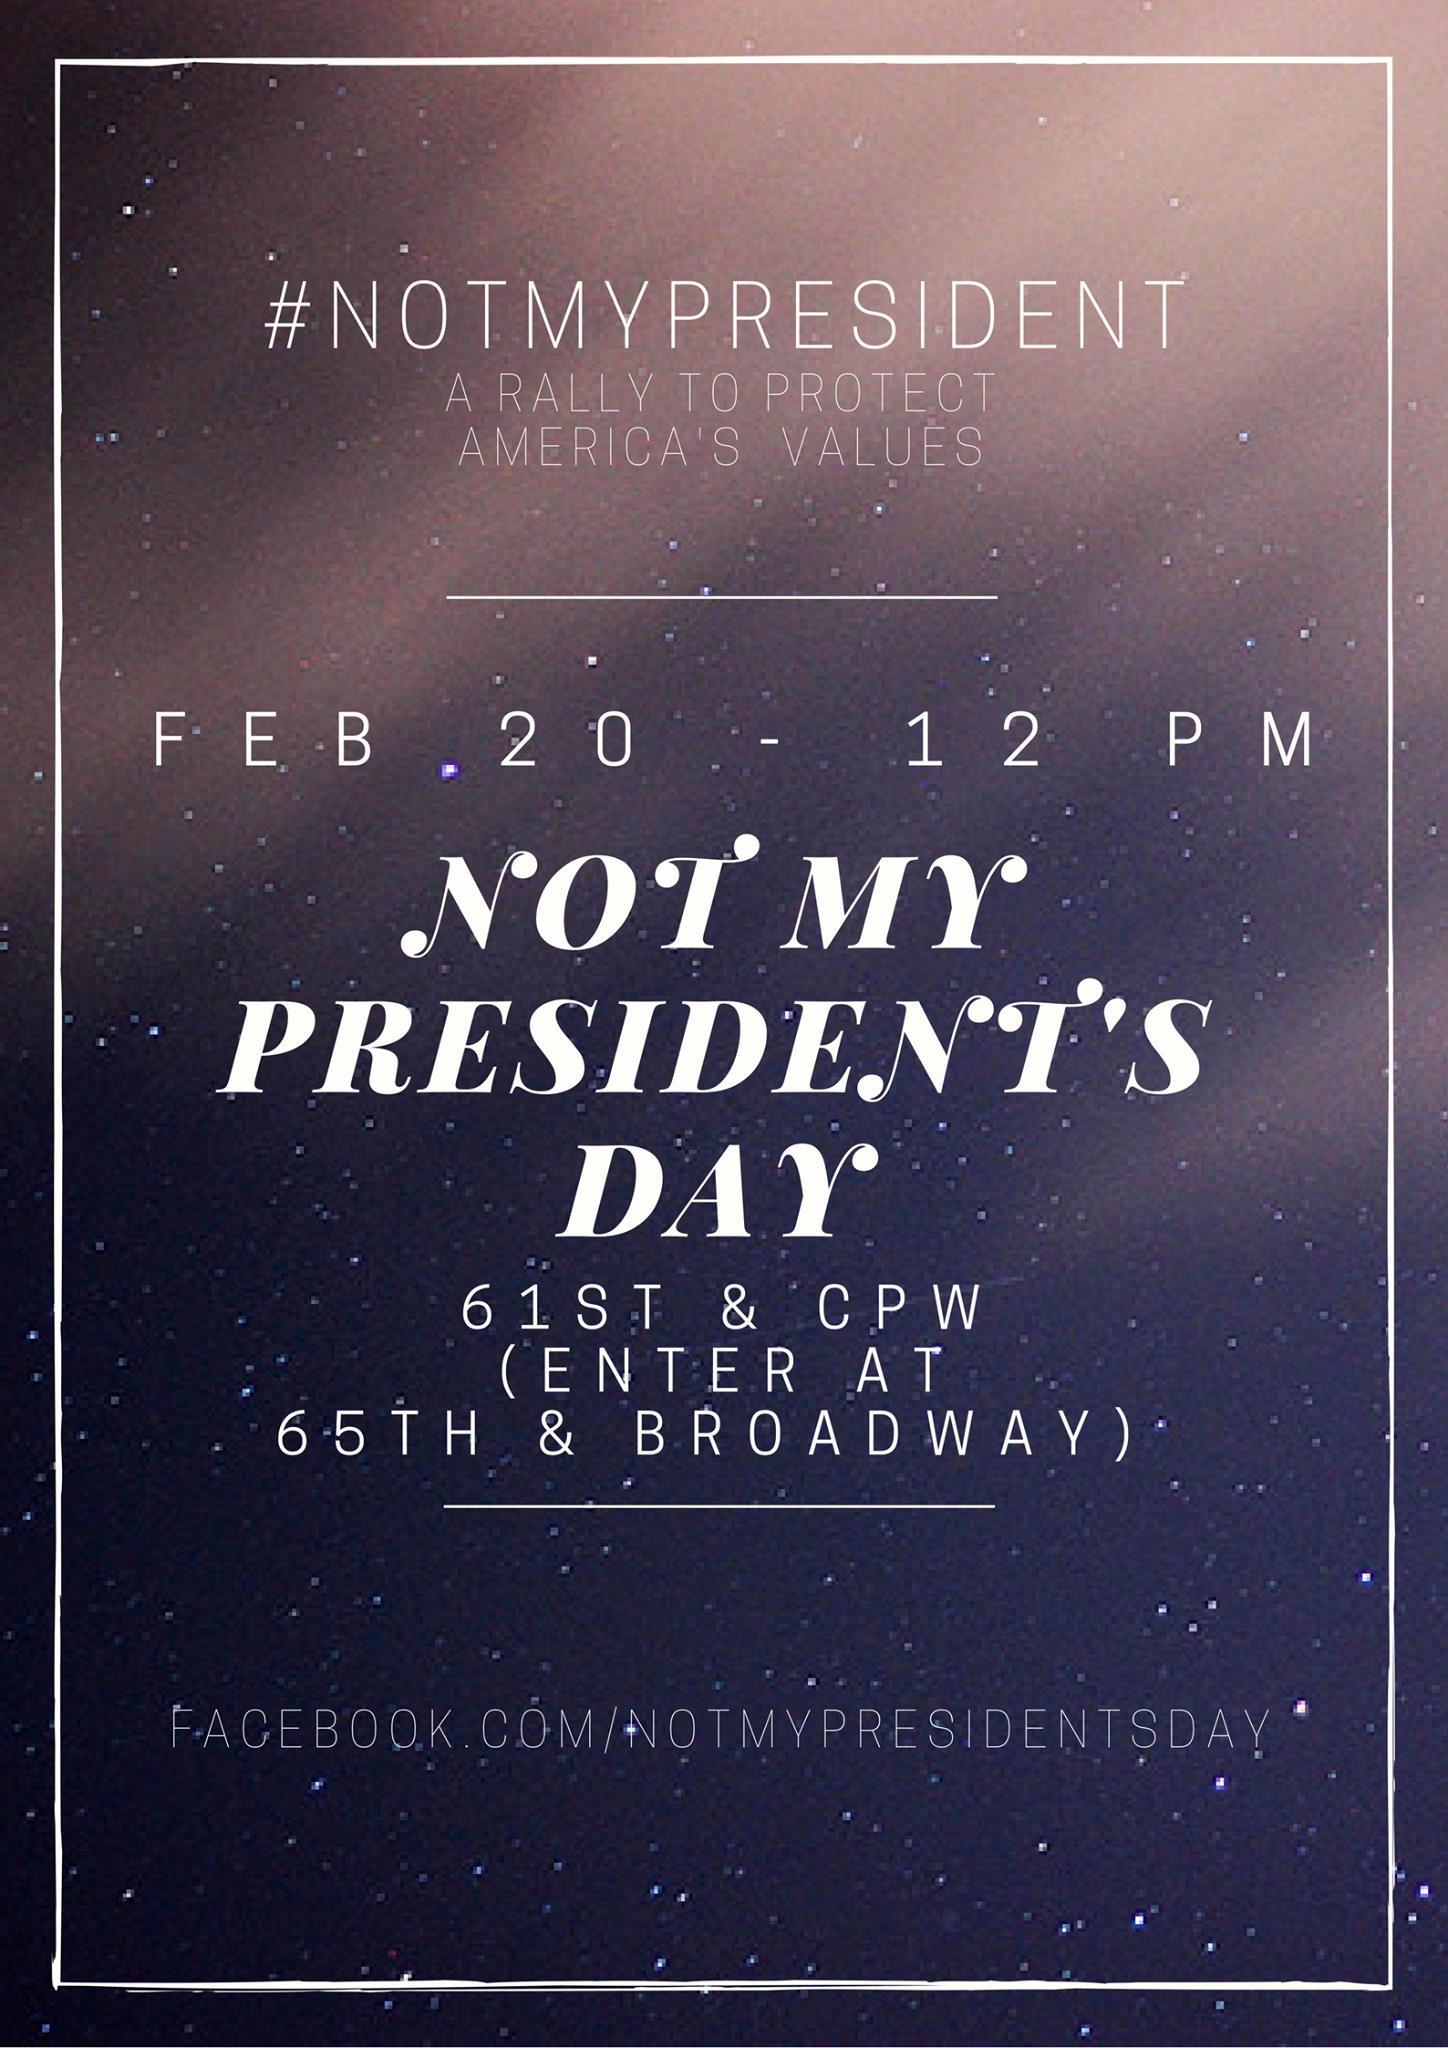 notmypresidentsday-nyc.jpg